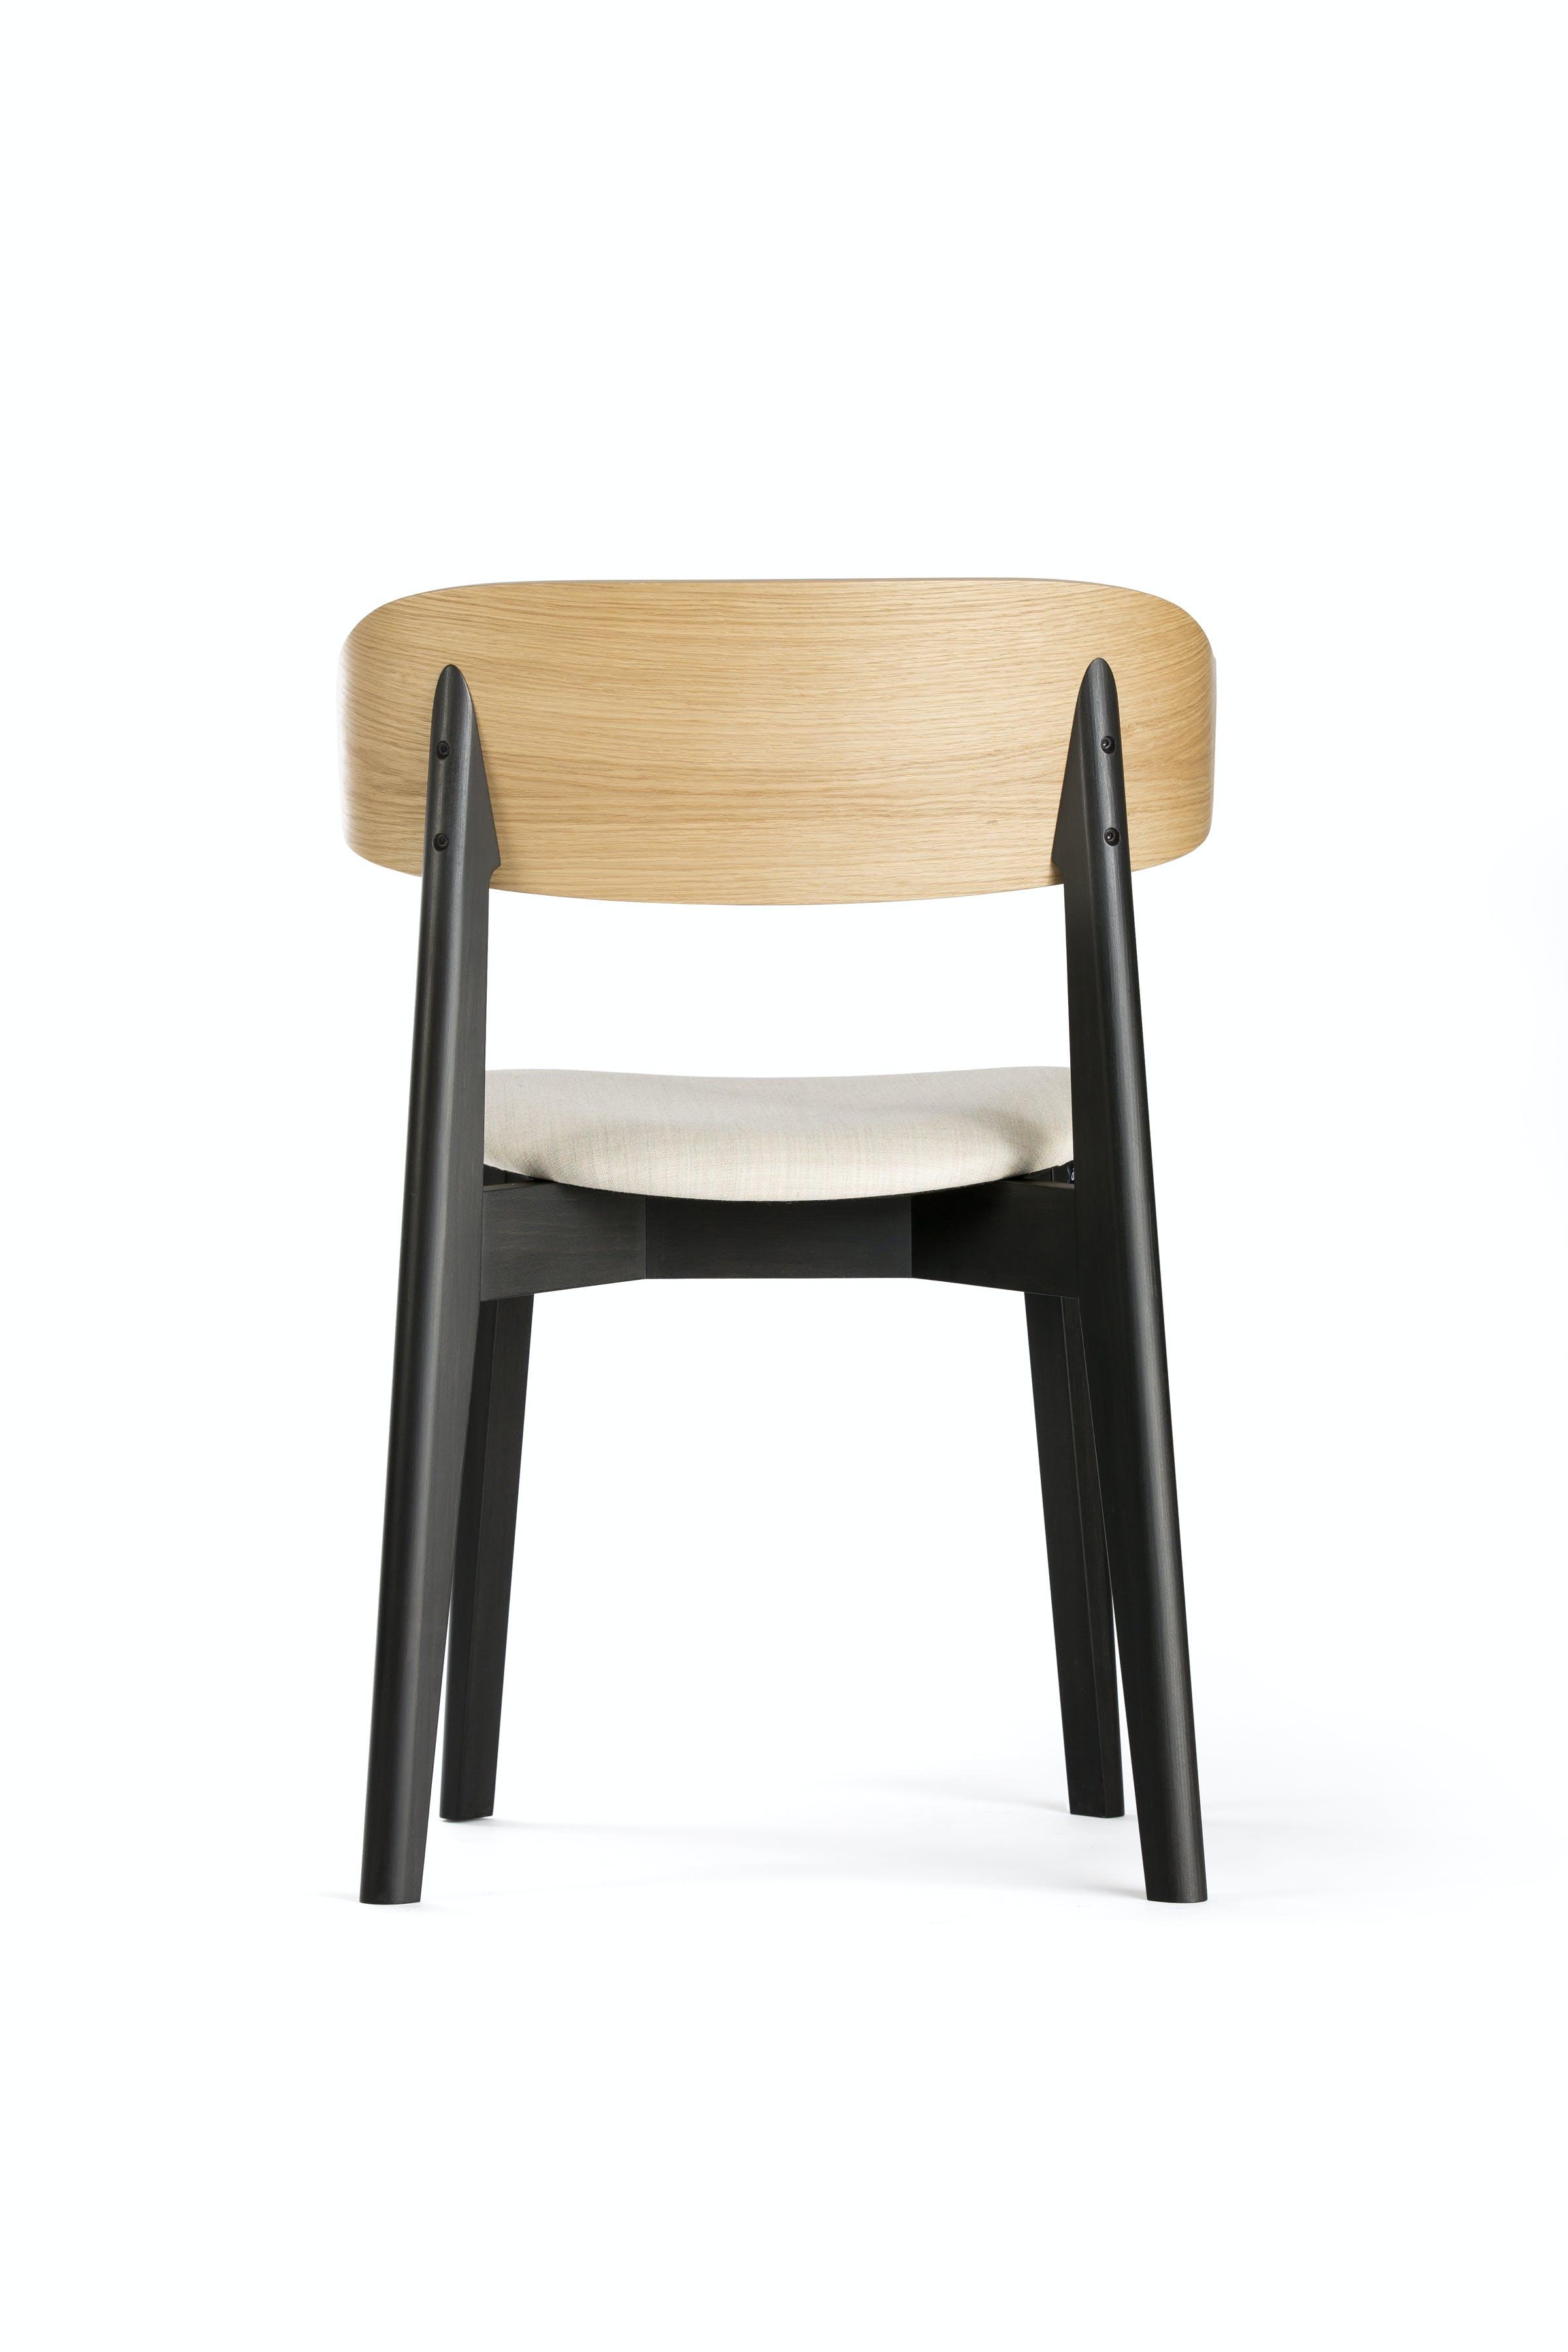 Deadgood-setter-chair-oak-and-white-back-haute-living